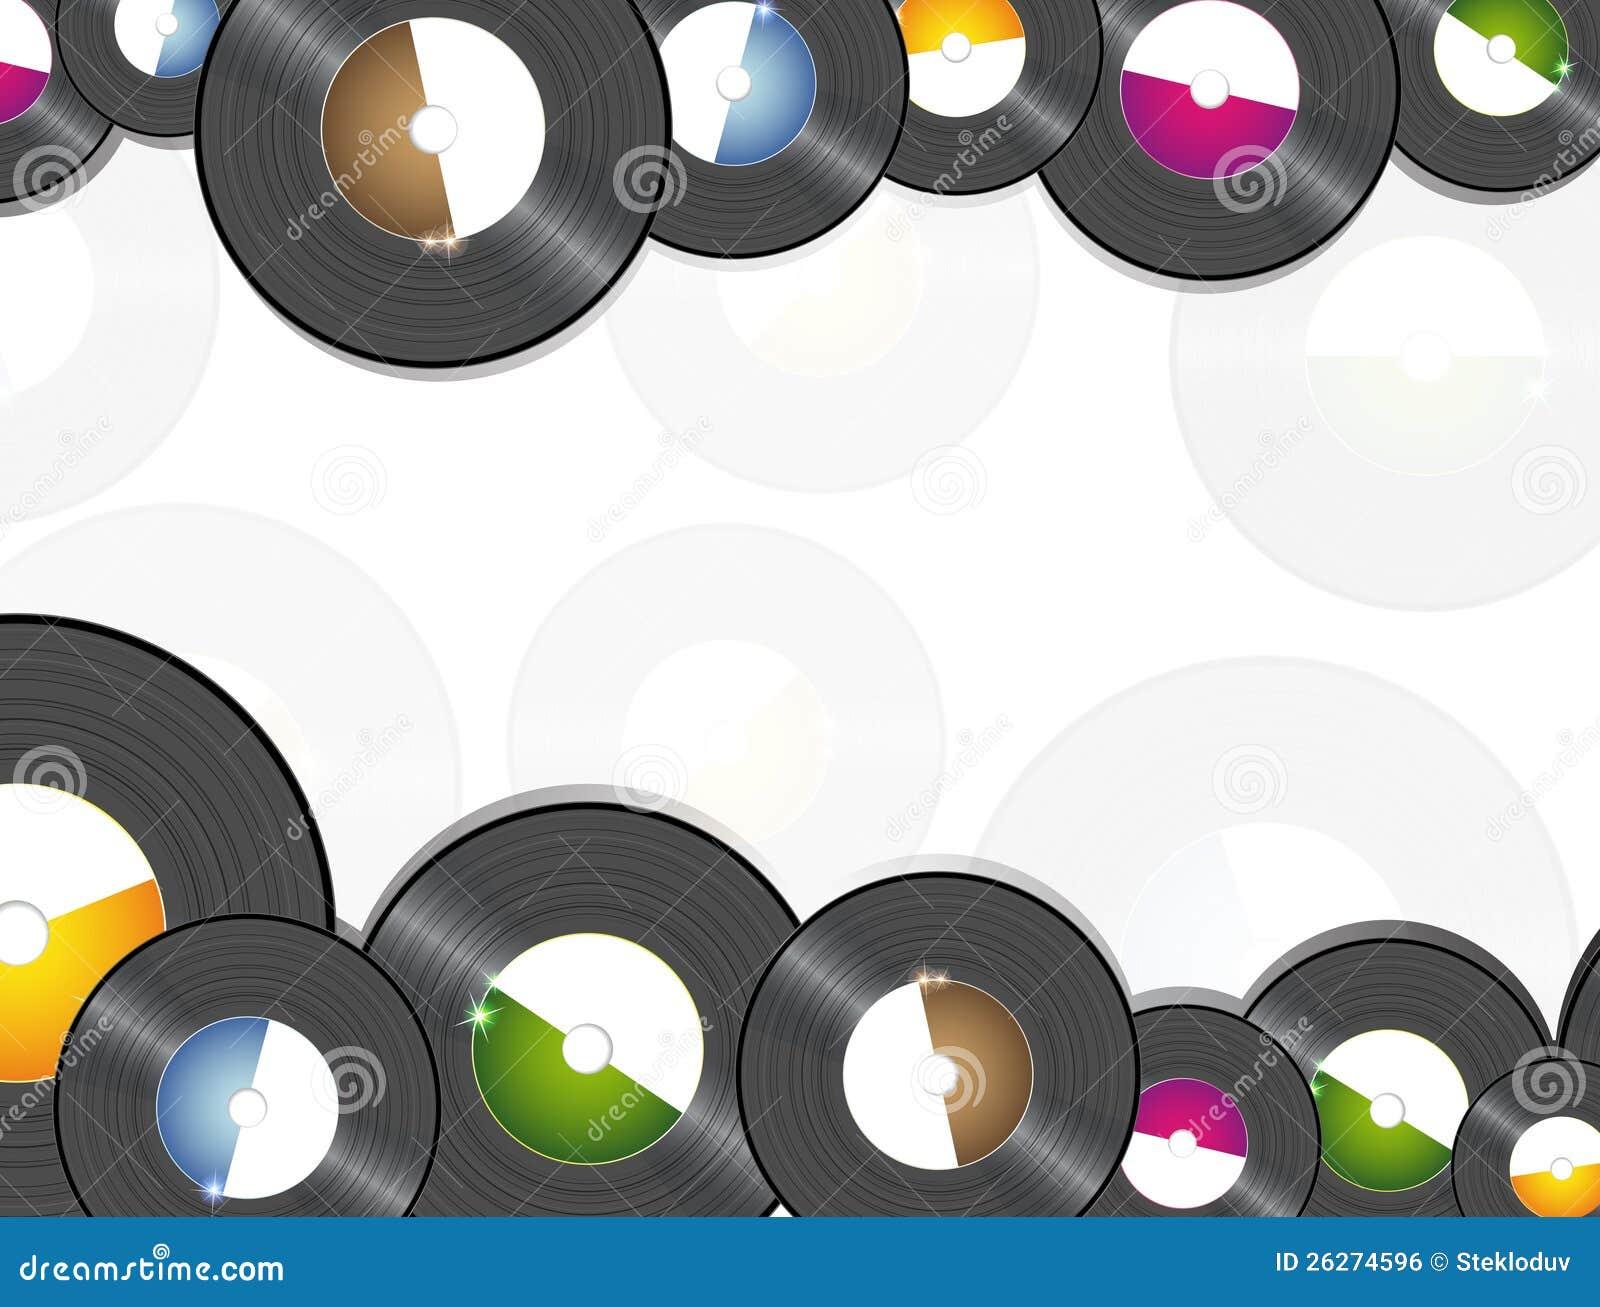 Vinyl Music Background Royalty Free Stock Image Image